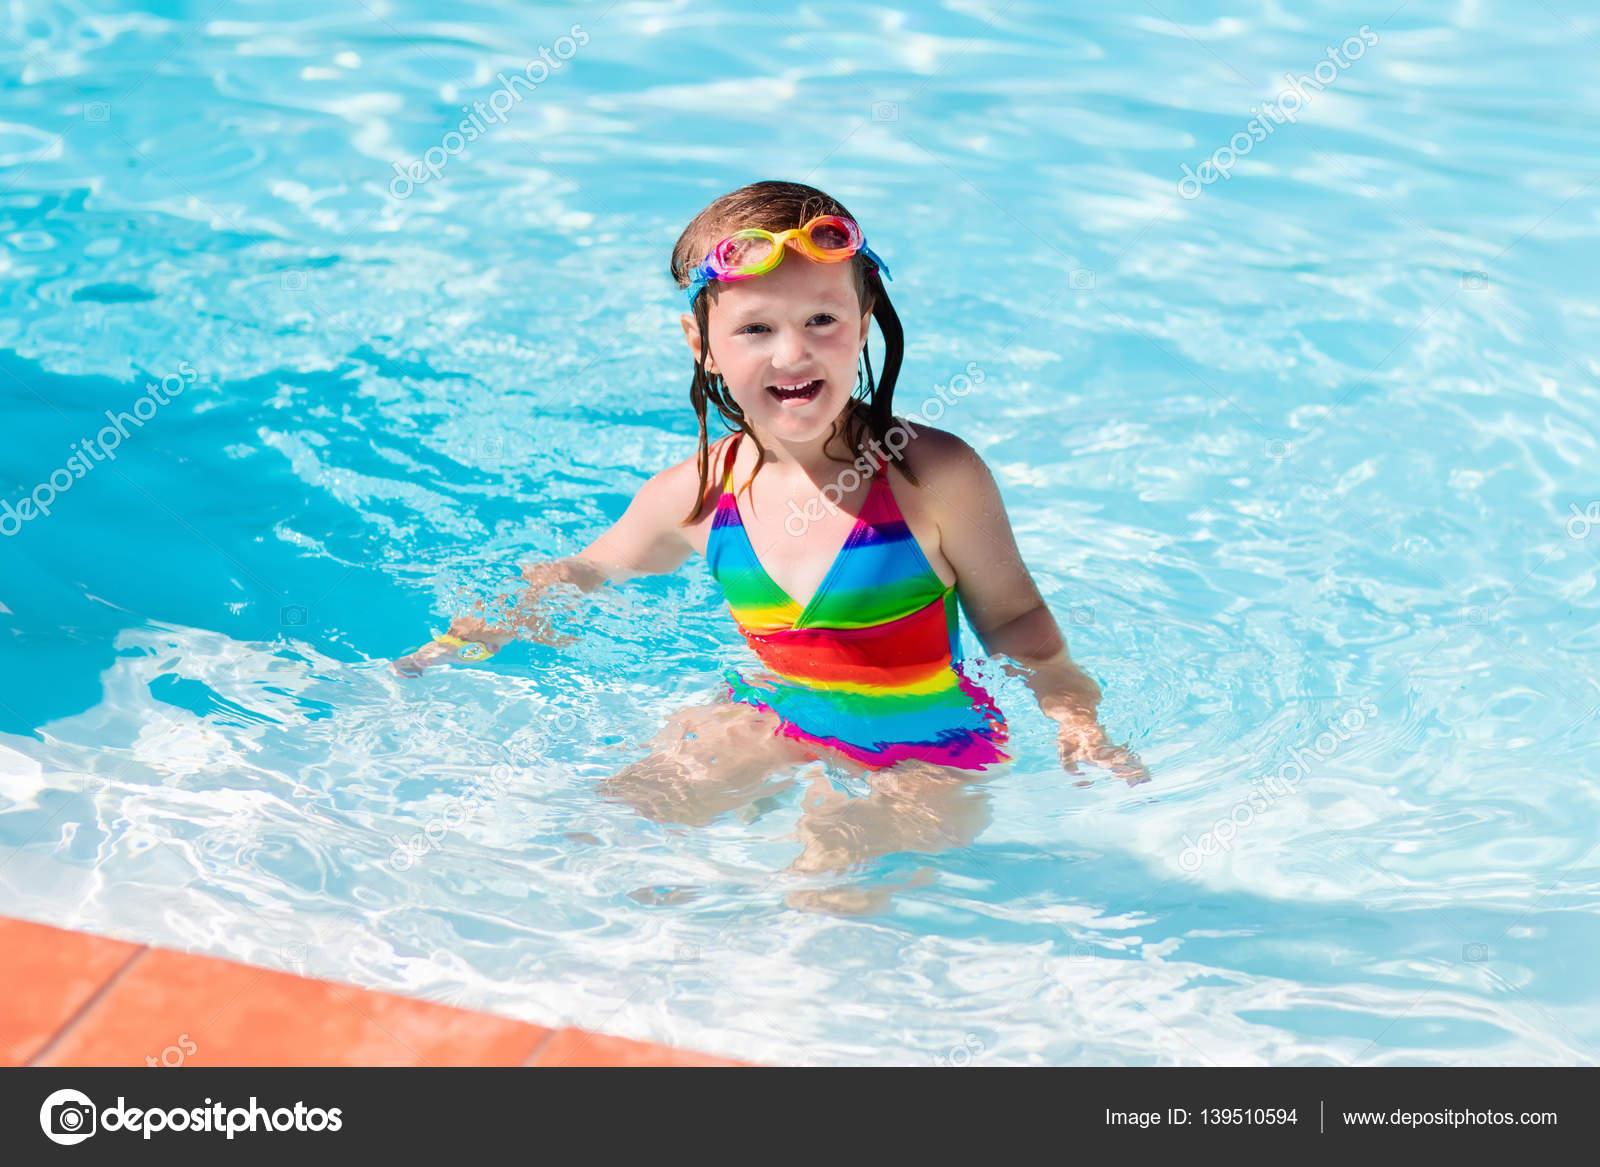 542719c66d78b Glückliche kleine Mädchen lernen zu schwimmen und Tauchen im Schwimmbad im  Freien an heißen Sommertag in tropischen Resort. Kind trägt Brille und  bunten ...